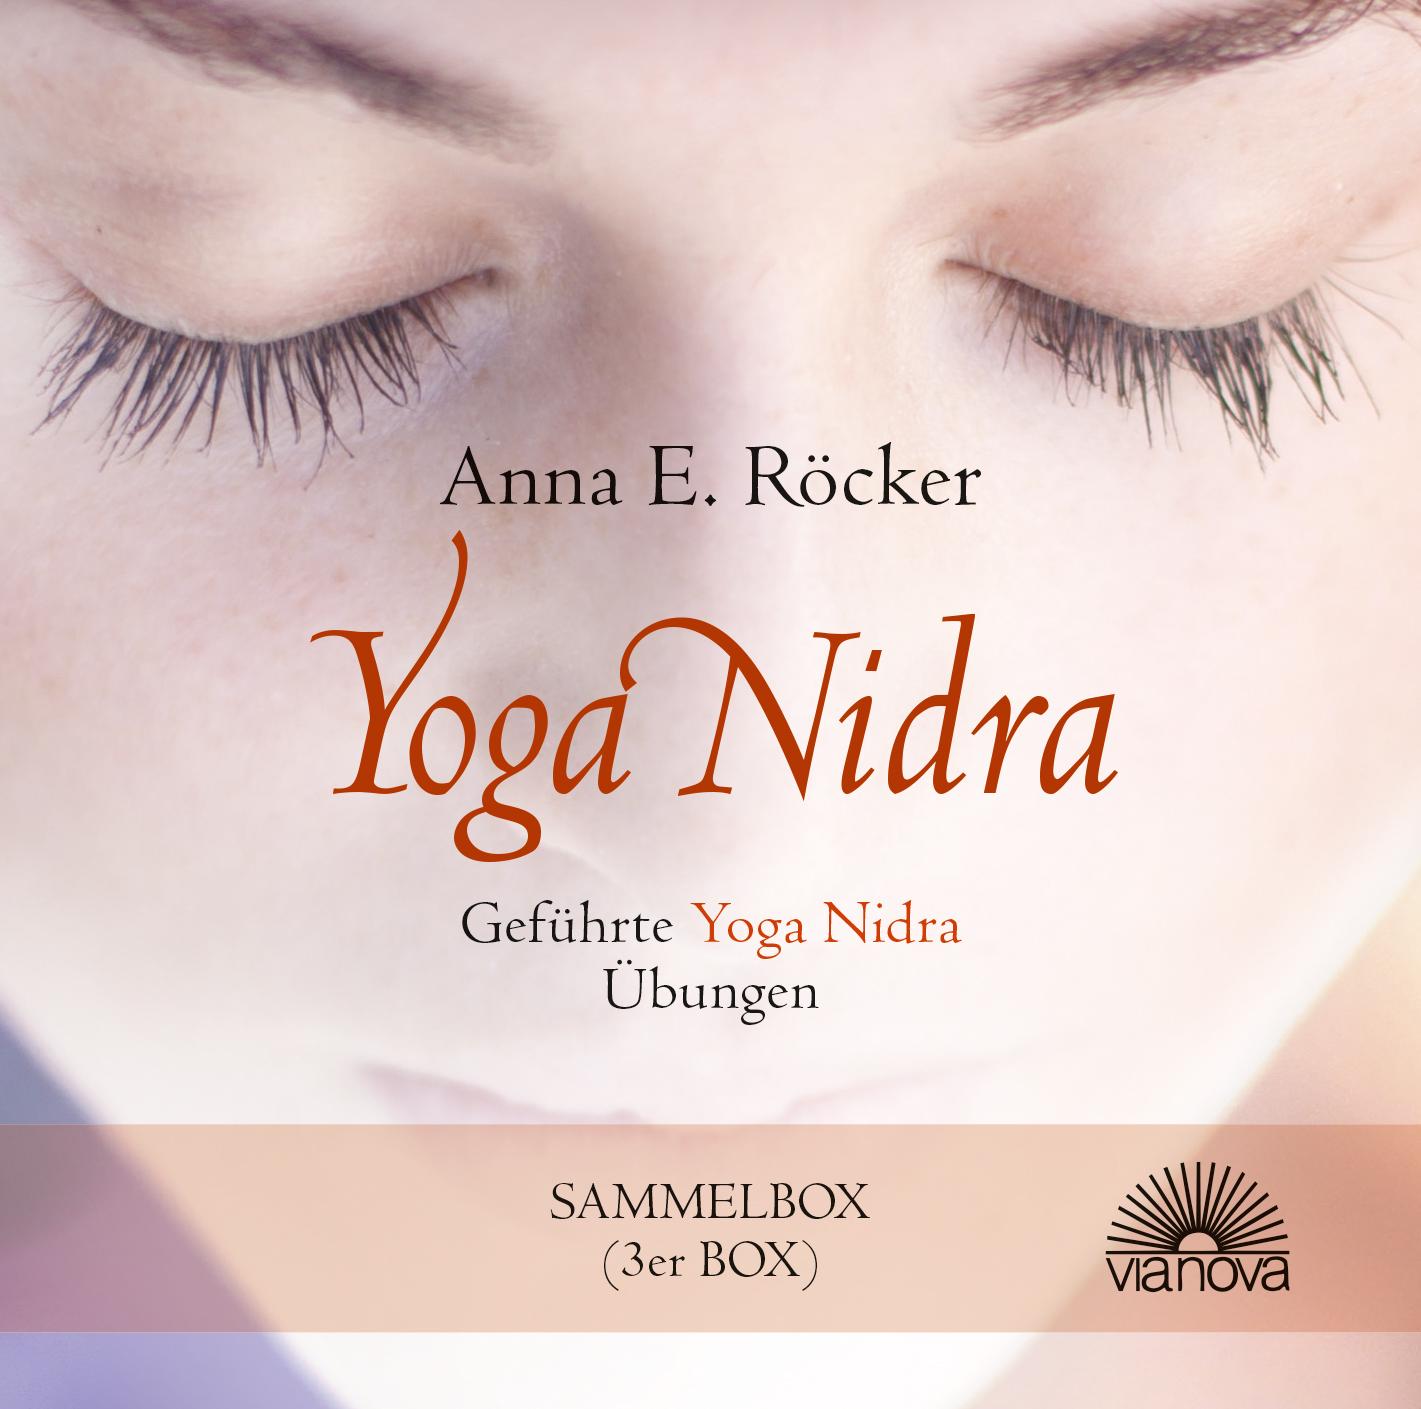 Yoga Nidra: Geführte Yoga Nidra-Übungen - Anna E. Röcker [3er Audio CD-Box]